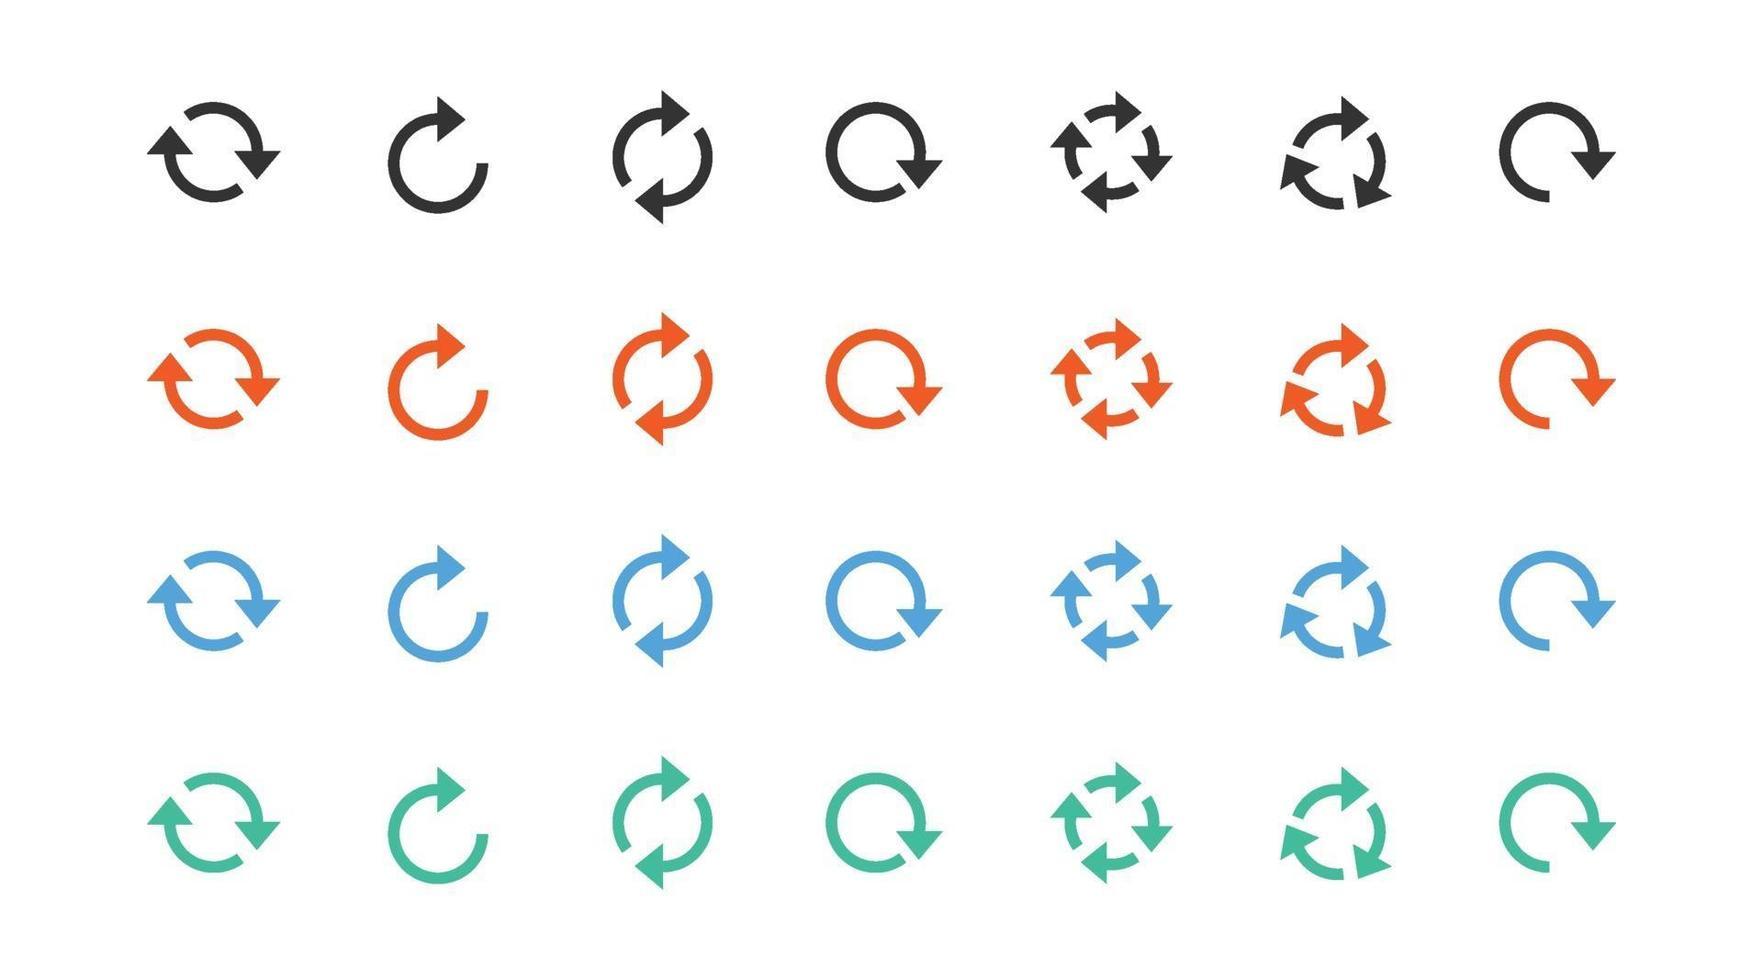 ensemble de vecteur d & # 39; icône de signe de flèche différent